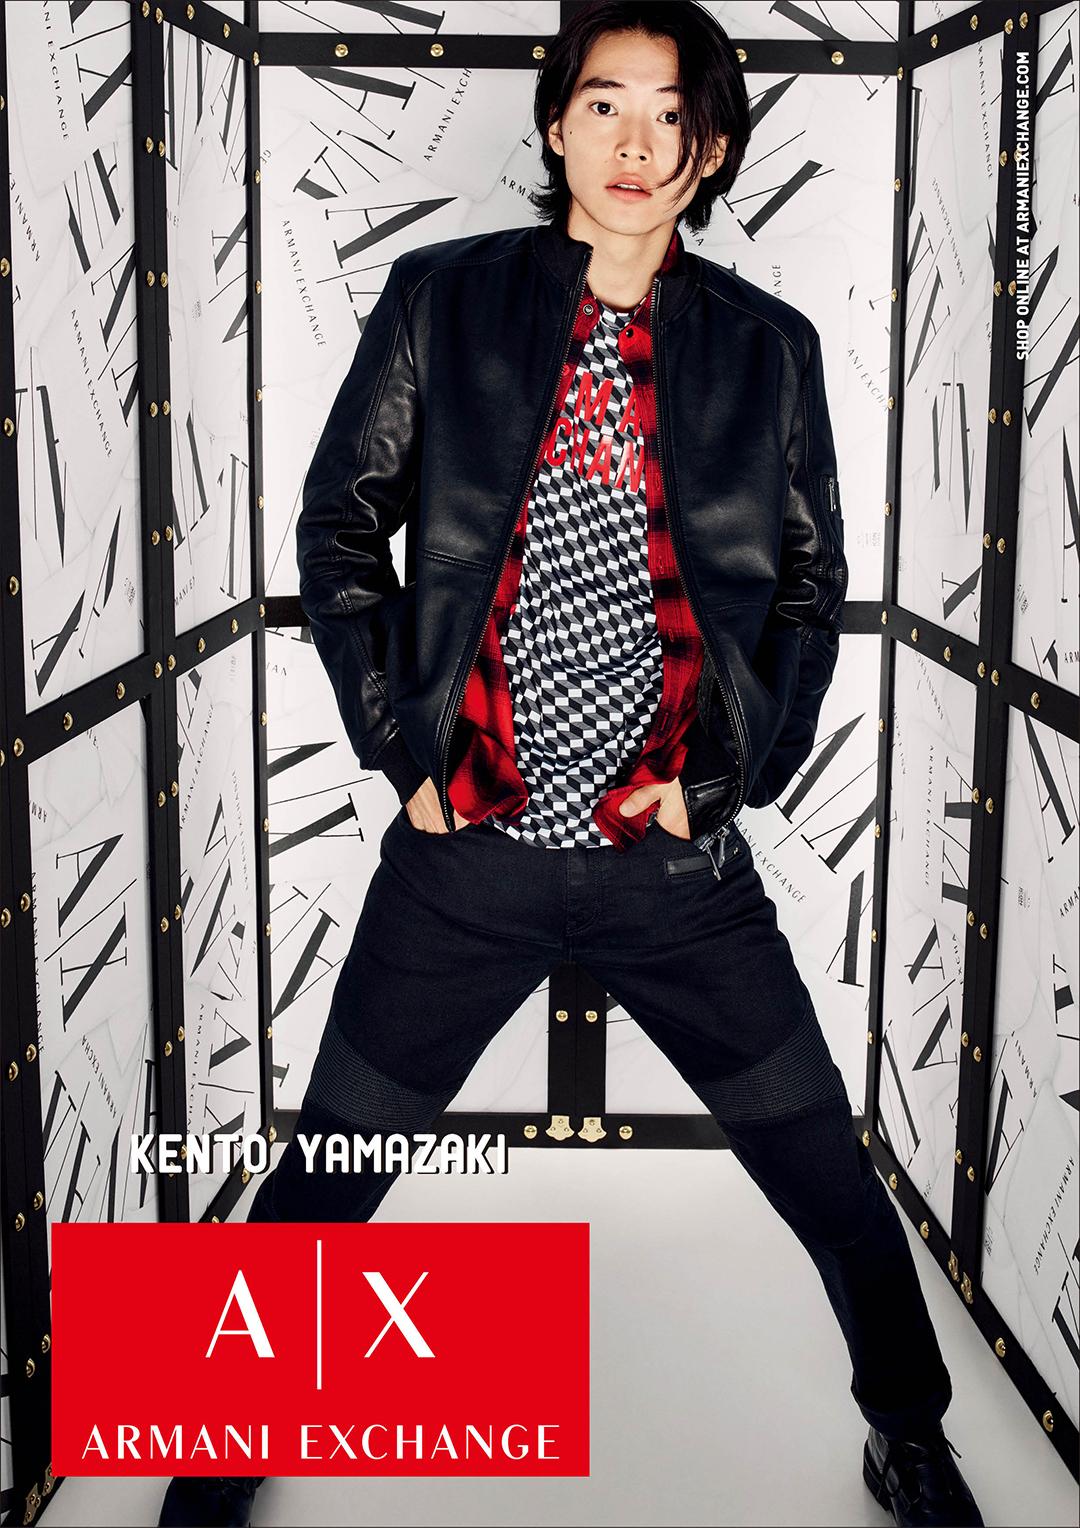 山﨑賢人さんのムービーも!A|Xアルマーニ エクスチェンジの秋冬広告キャンペーンが世界同時公開!_1_1